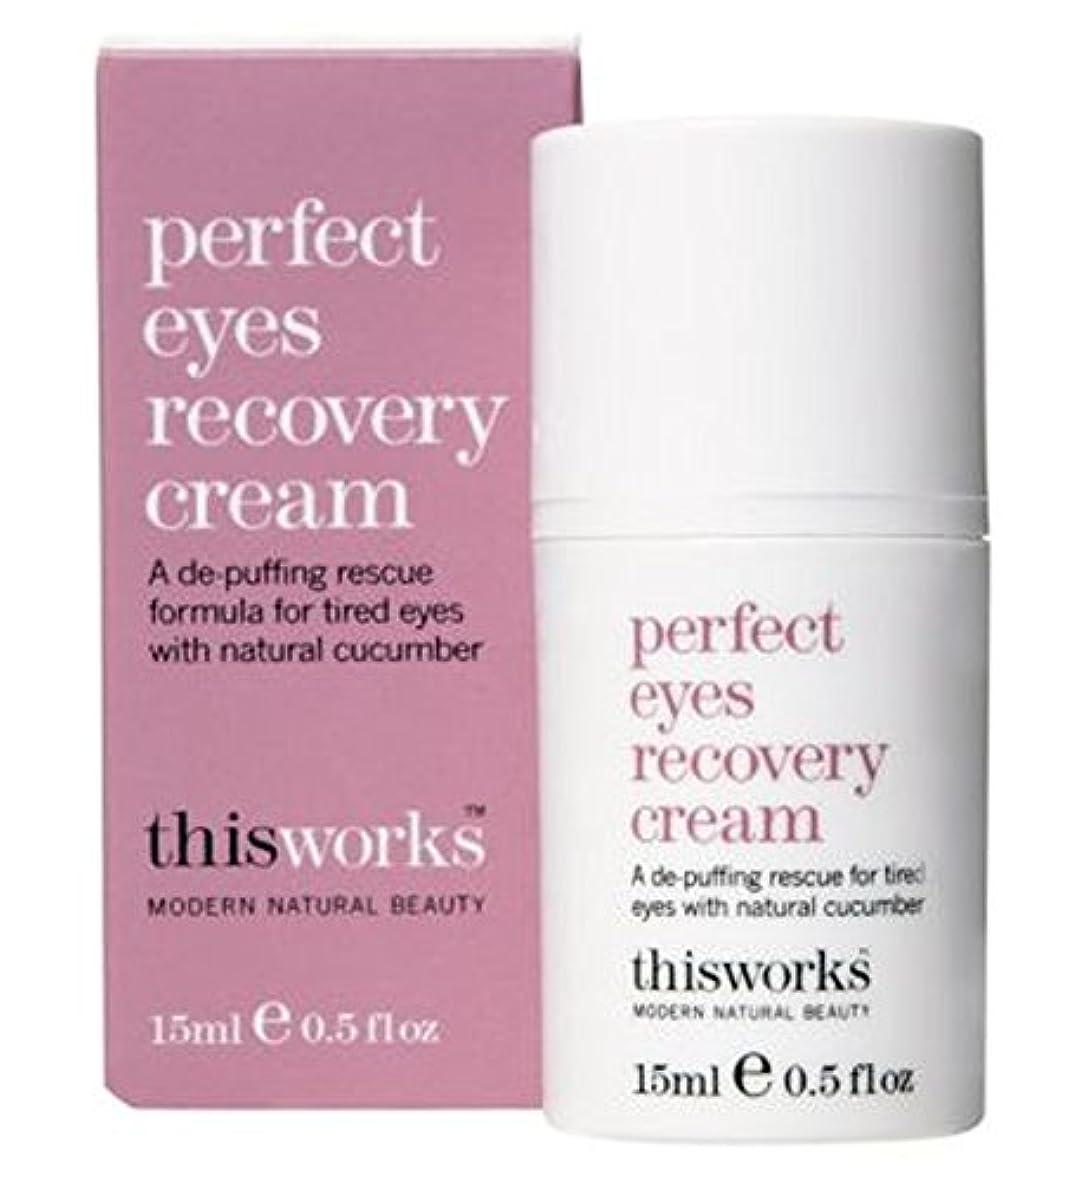 複雑でない海賊ボトルThis Works perfect eyes recovery cream 15ml - これは完璧な目回復クリーム15ミリリットルの作品 (This Works) [並行輸入品]